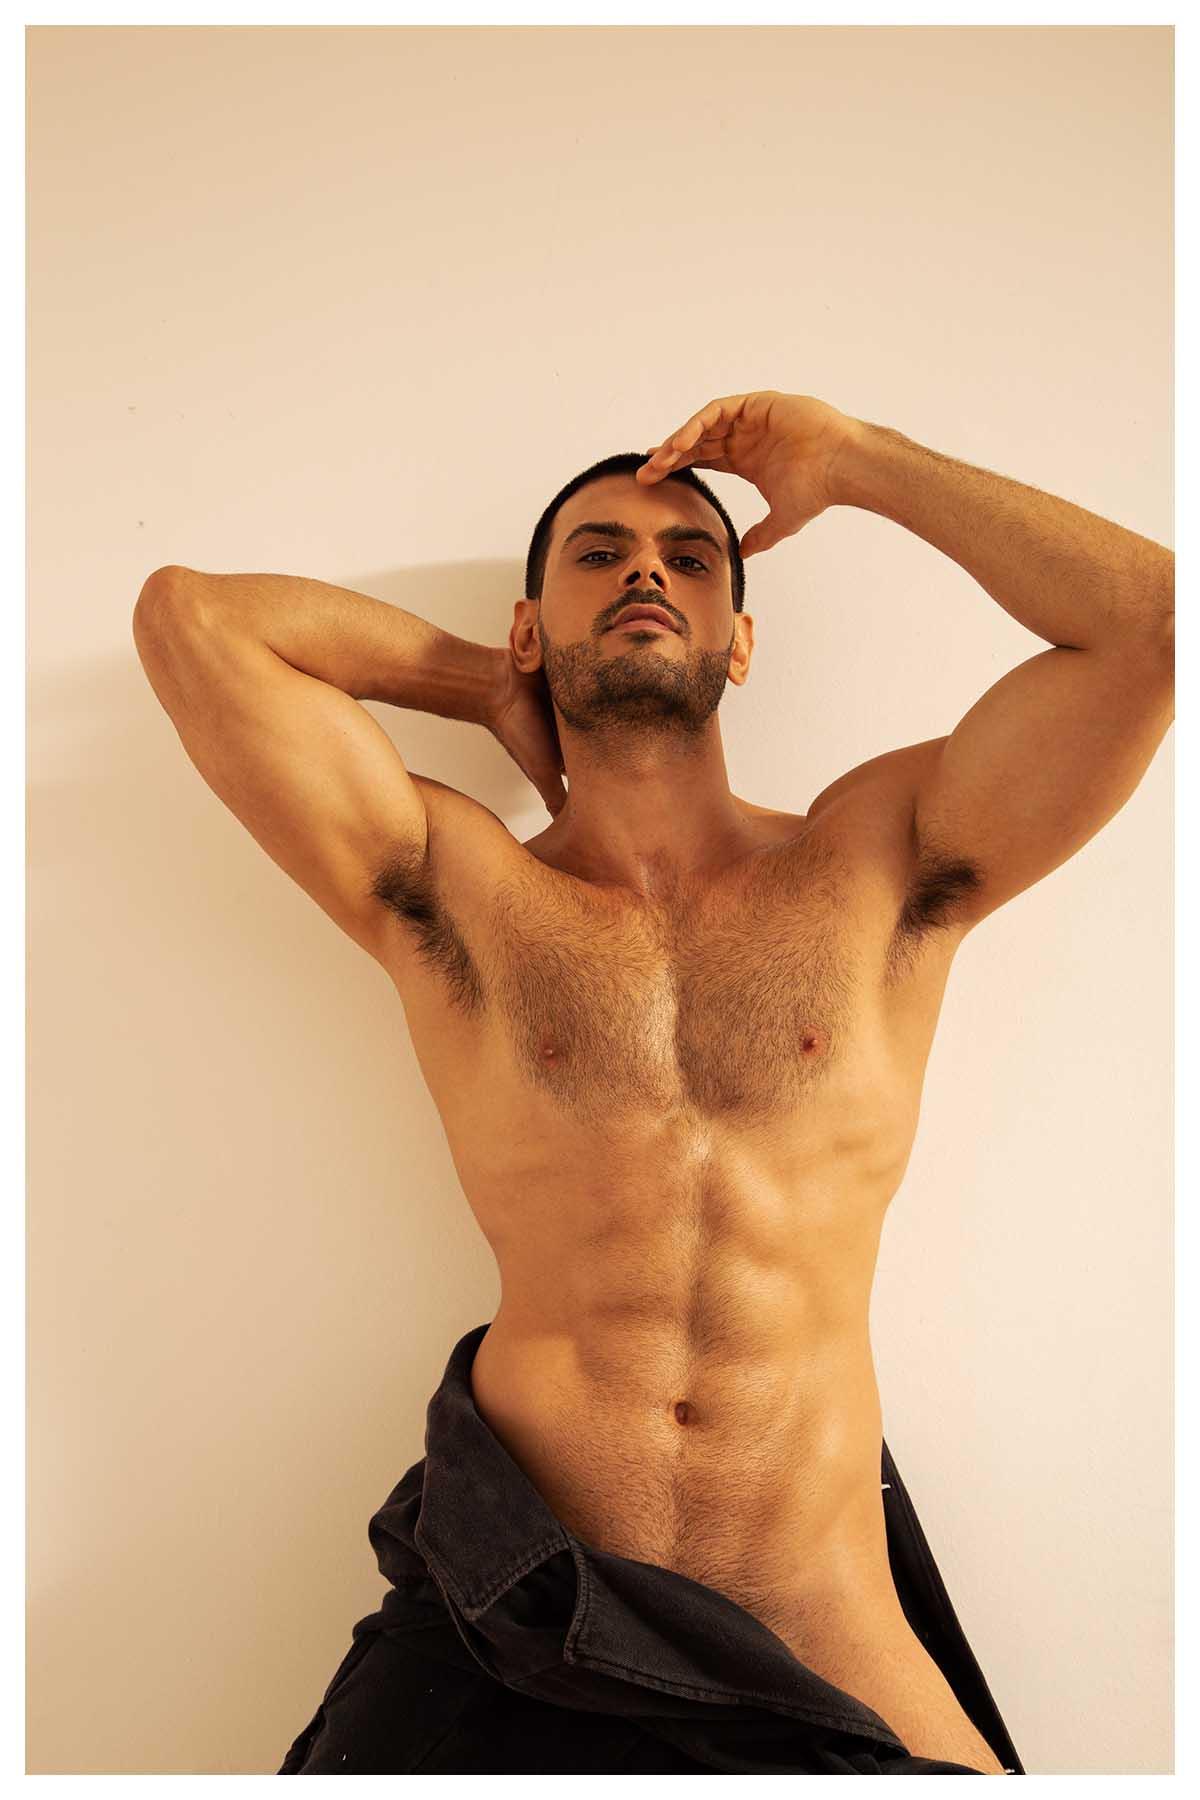 Naian Cestaro by Bruno Barreto for Brazilian Male Model